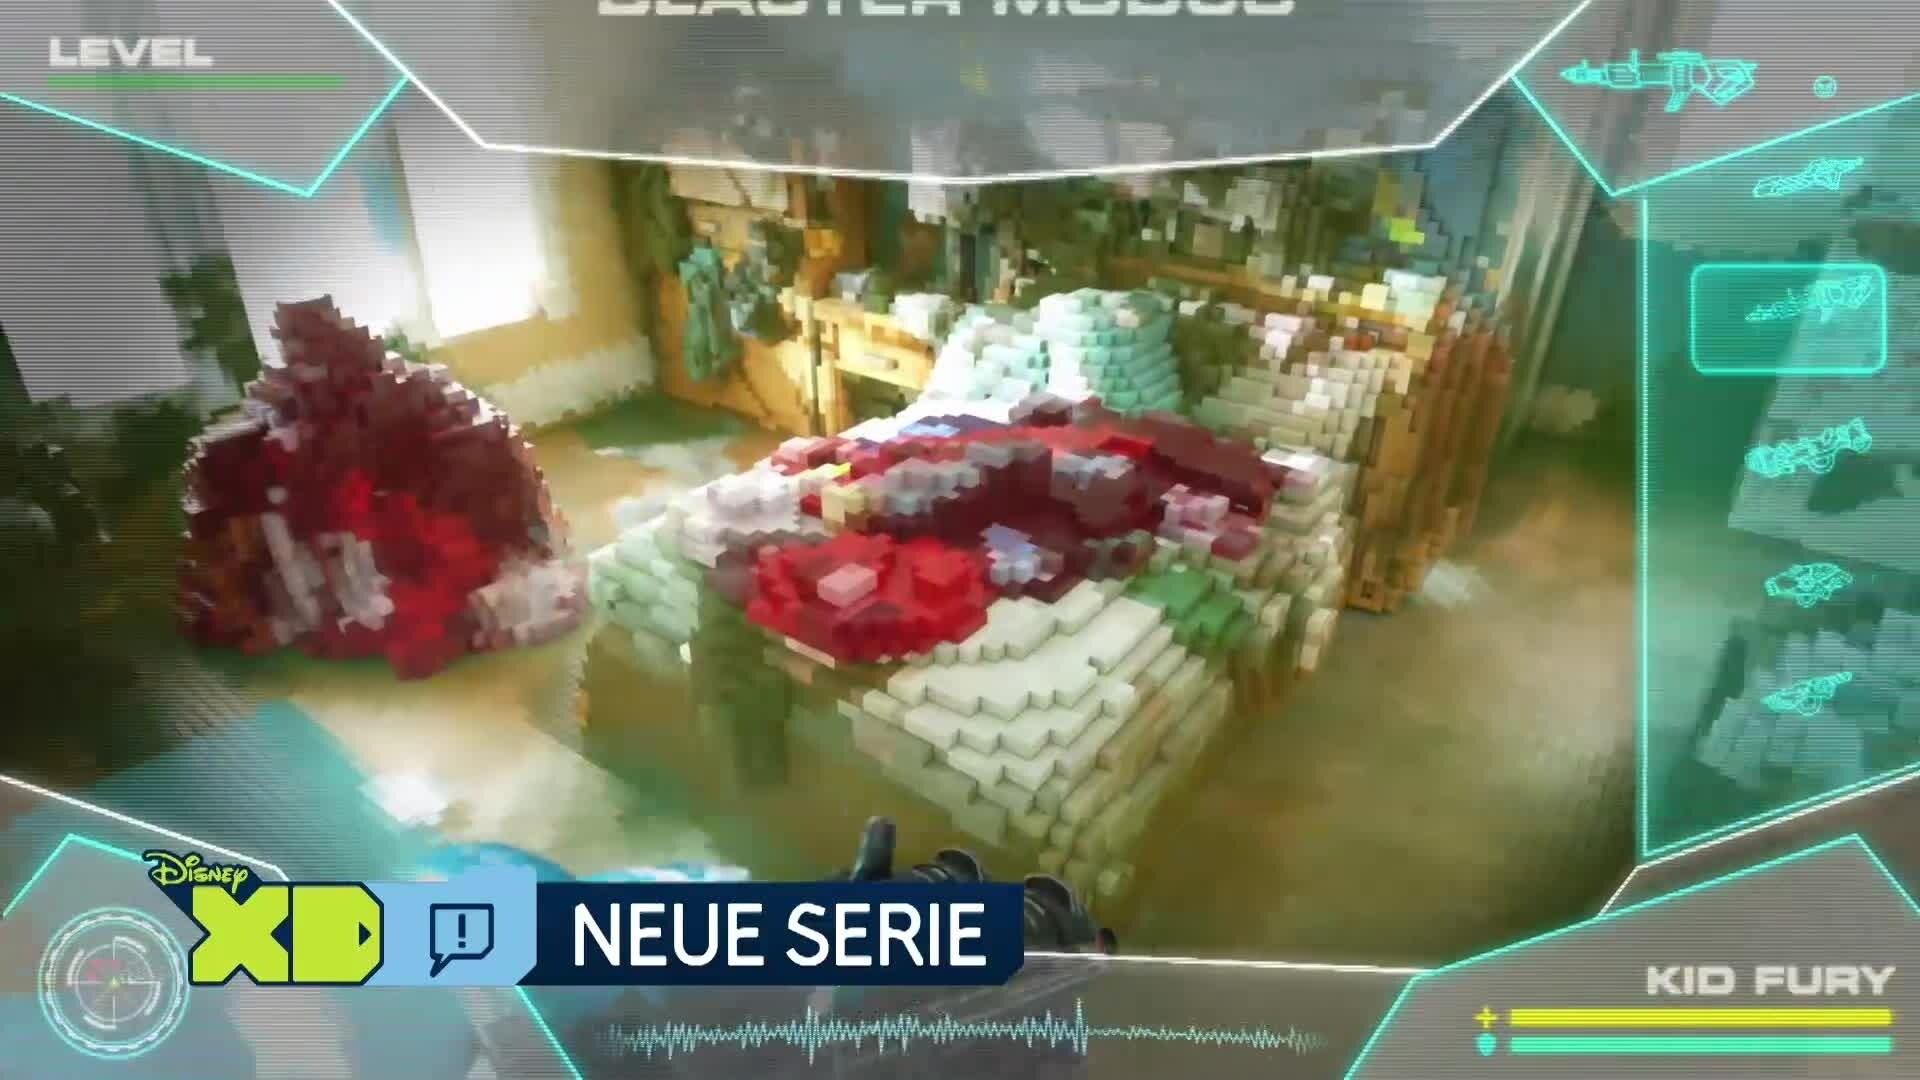 Gamer's Guide - Für Voll Aufgeräumt!